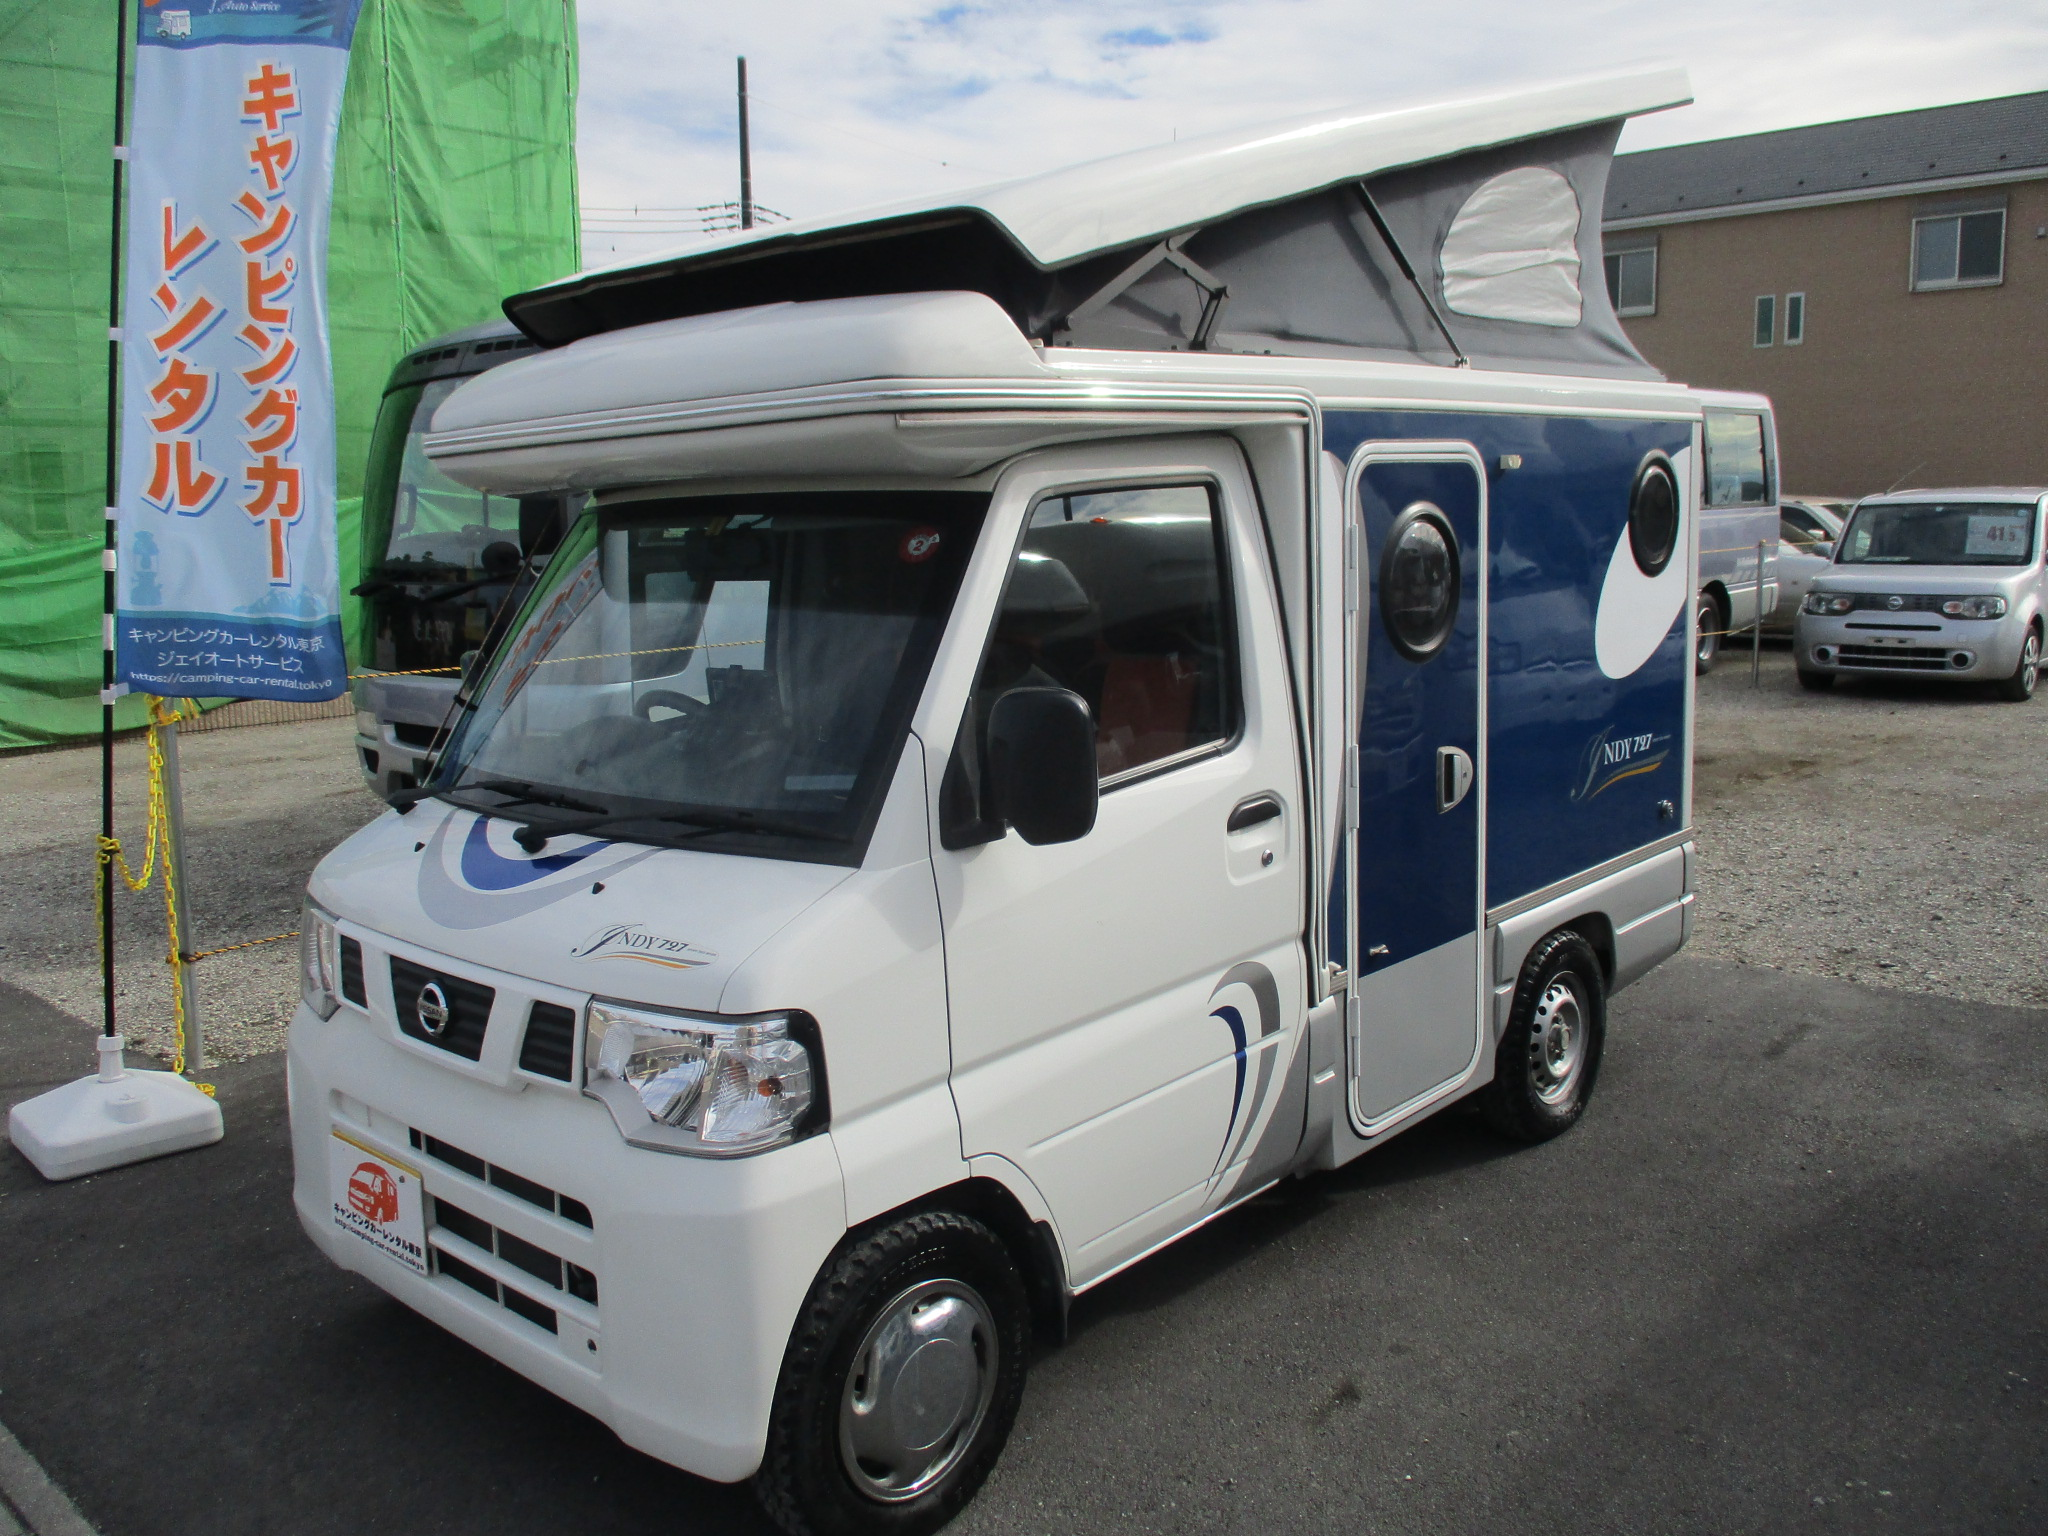 インディ727「軽キャンパー」